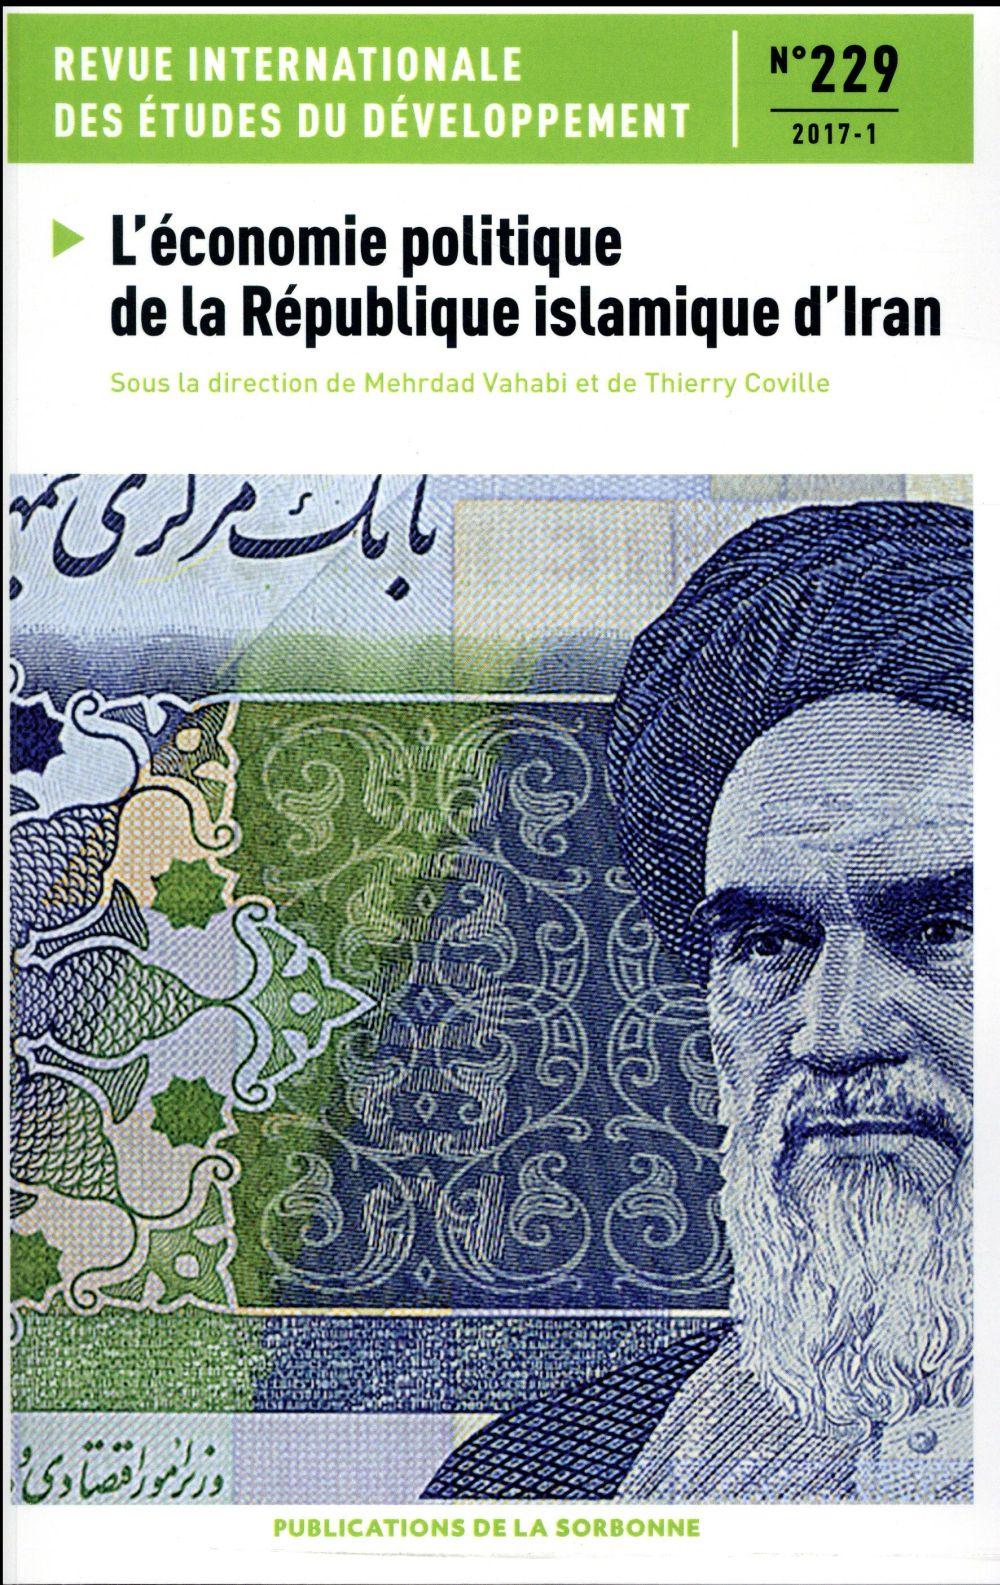 Revue internationale des etudes du developpement n.129 ; l'economie politique de la republique islamique d''iran